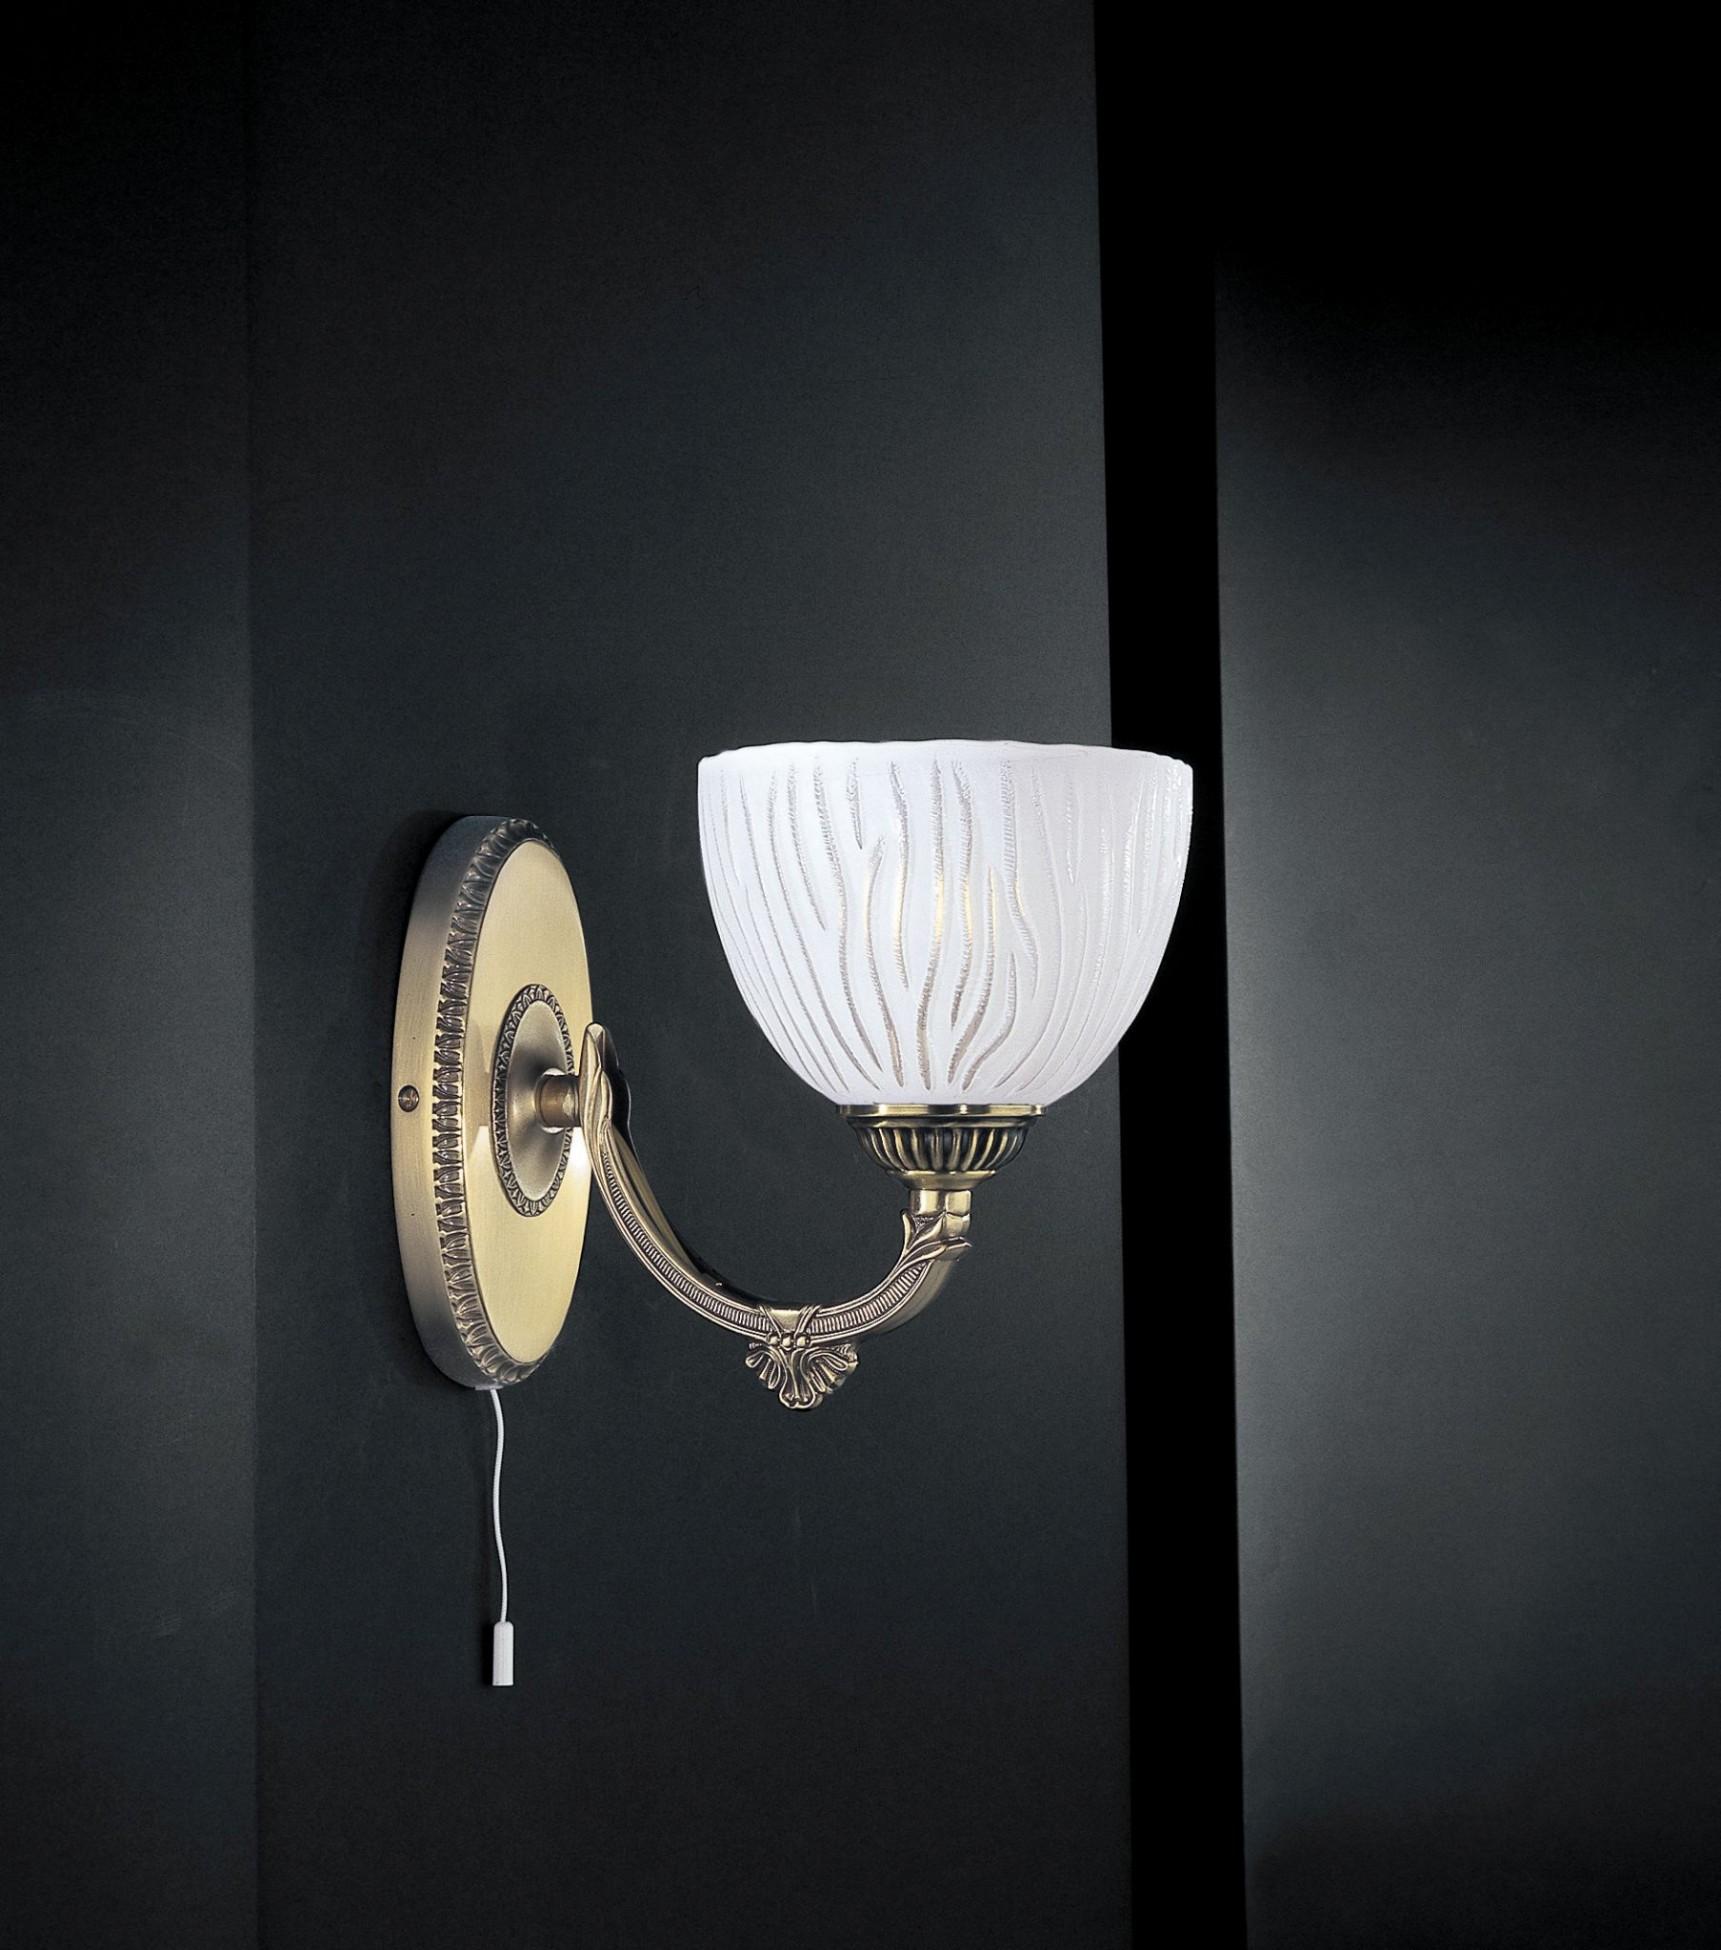 Lampade Ottone E Vetro: Applique ottone e vetro am fd bolletta lampade.